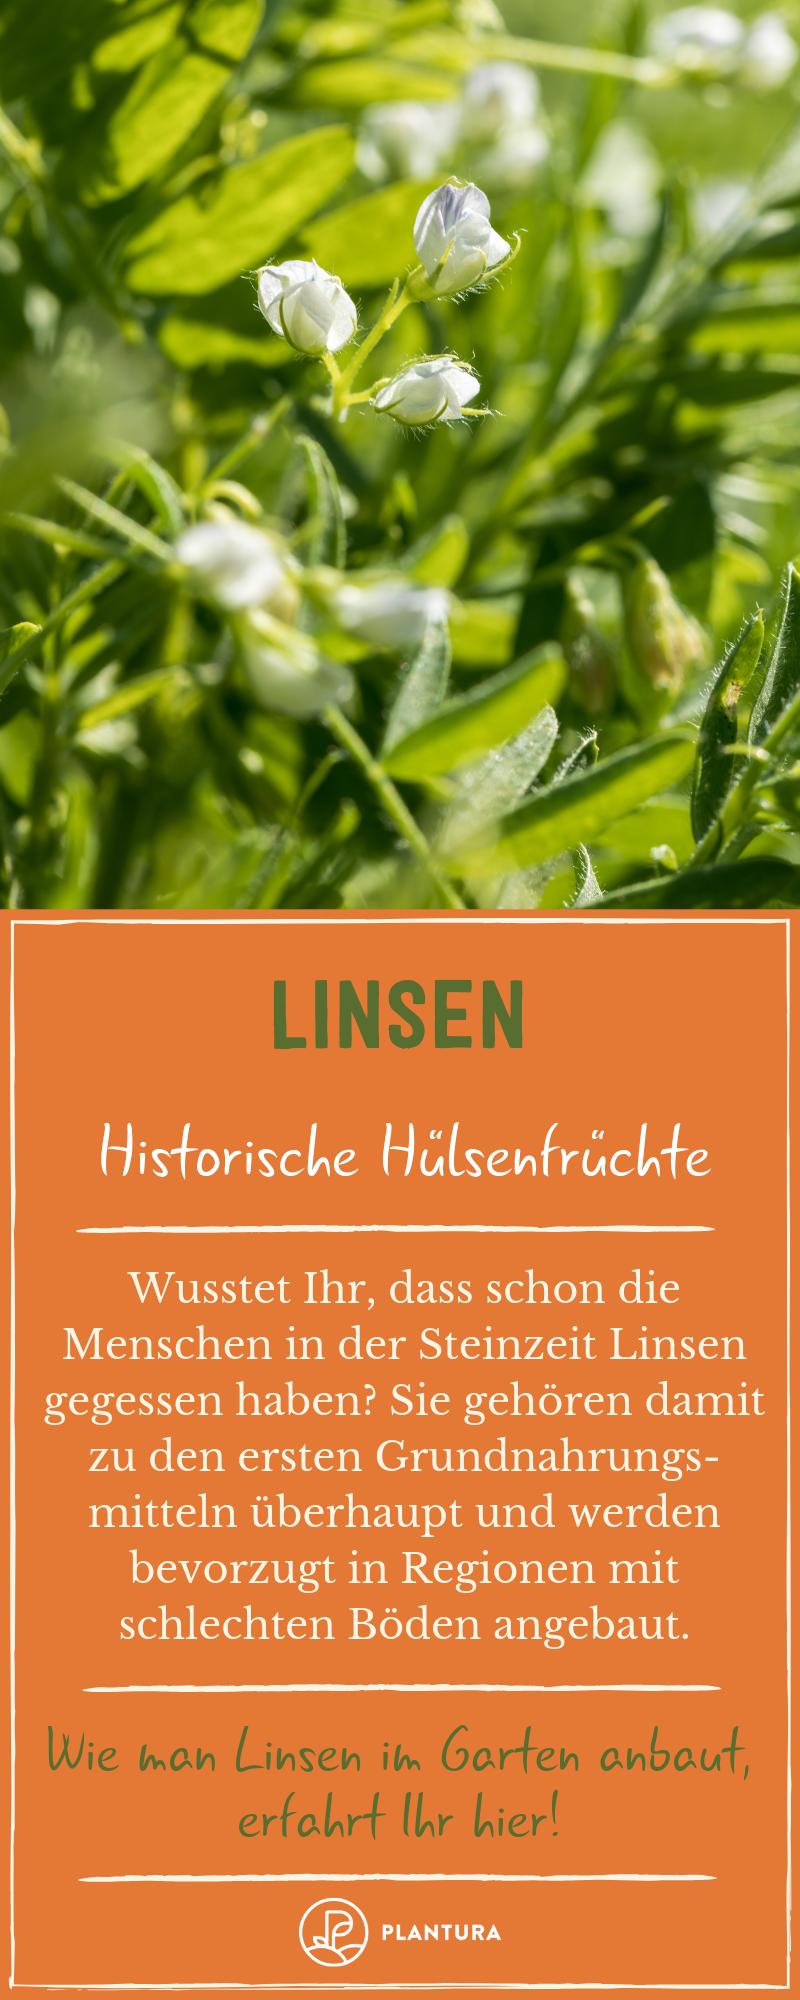 Linsen Profi Tipps Zu Anbau Pflege Ernte Des Gesunden Gemuses Plantura Linsen Gemuse Pflanzen Pflanzen